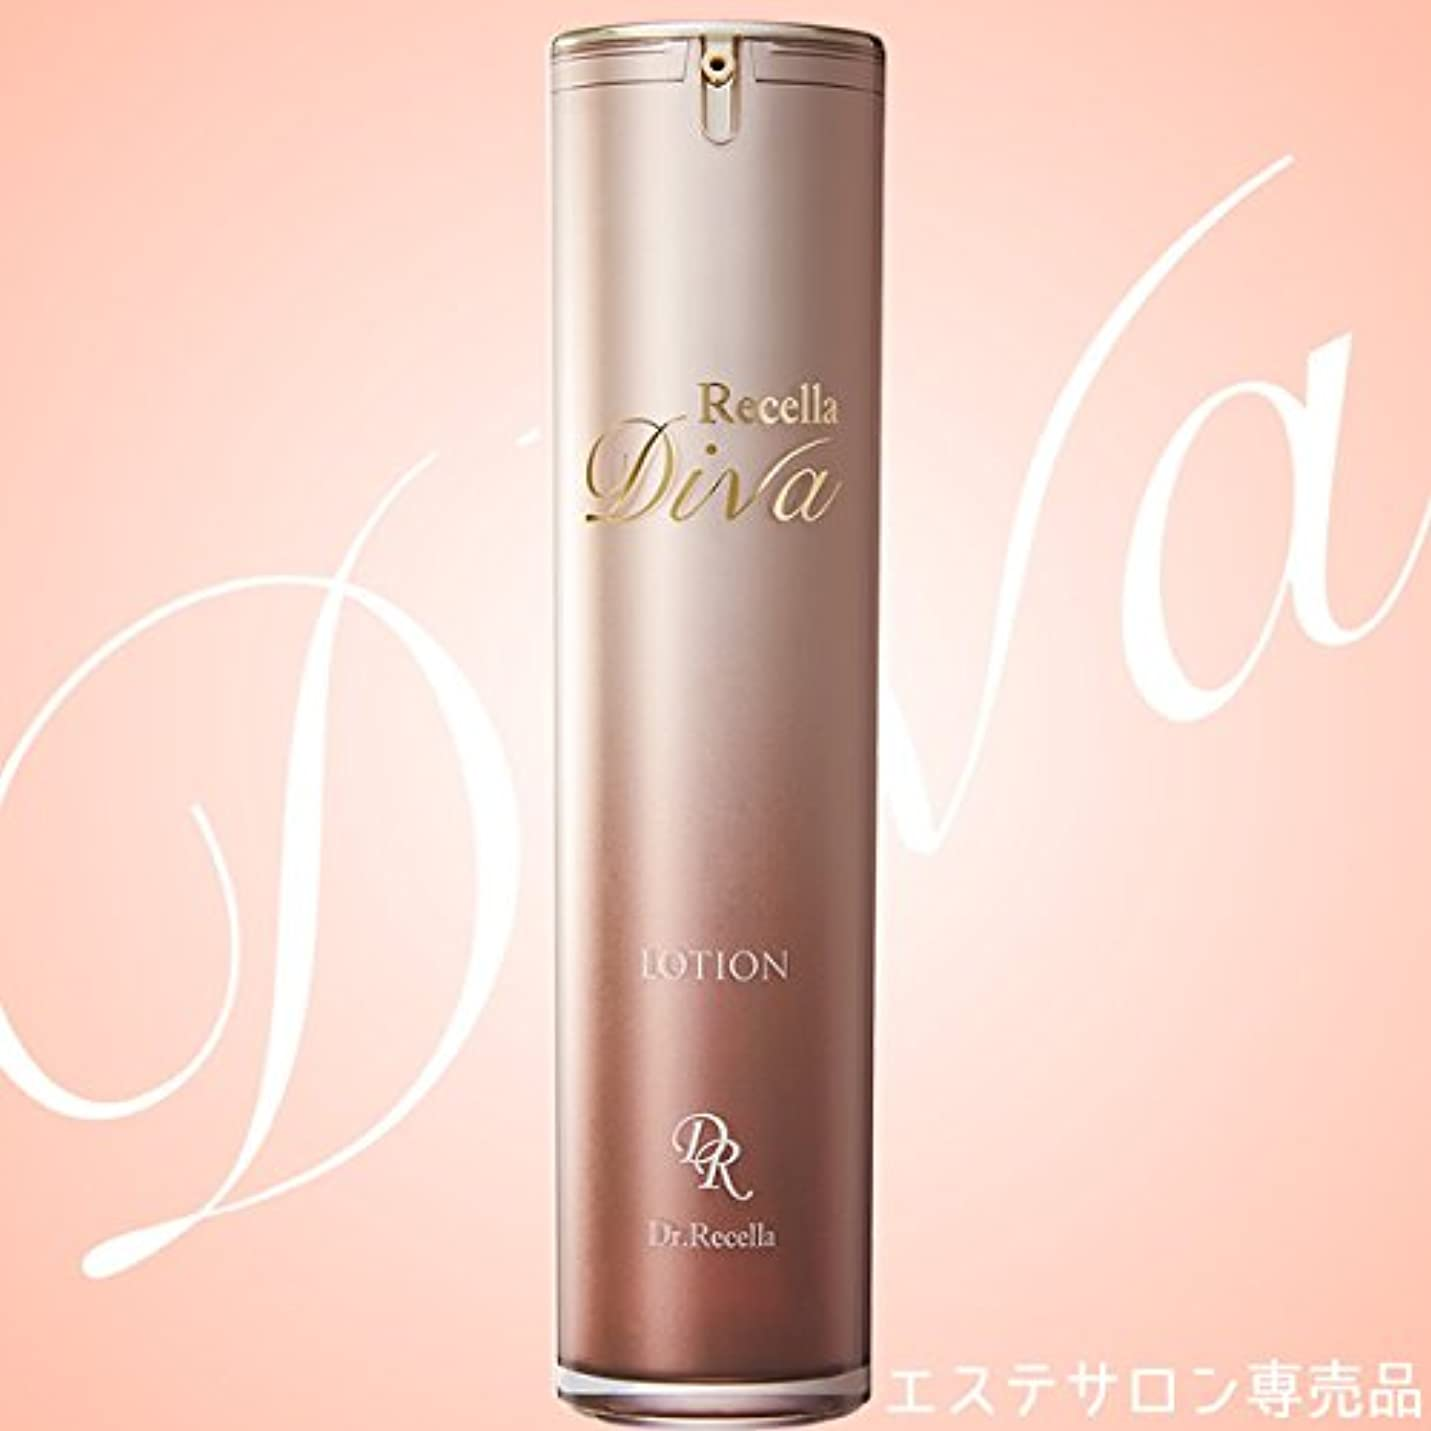 記録耐久ジャンル【リセラディーヴァ(サロン専売品)】LOTION(化粧水)